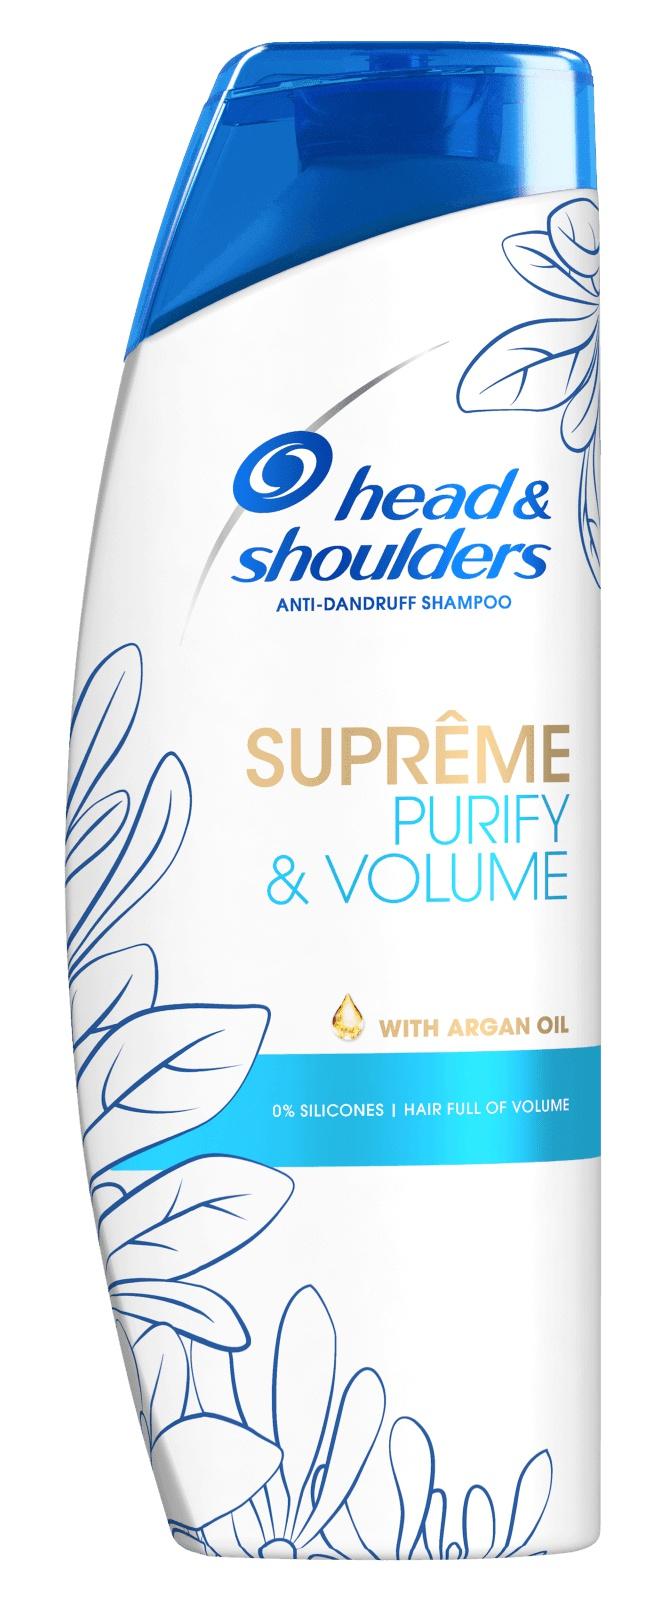 Head & Shoulders Supreme Clean & Volume